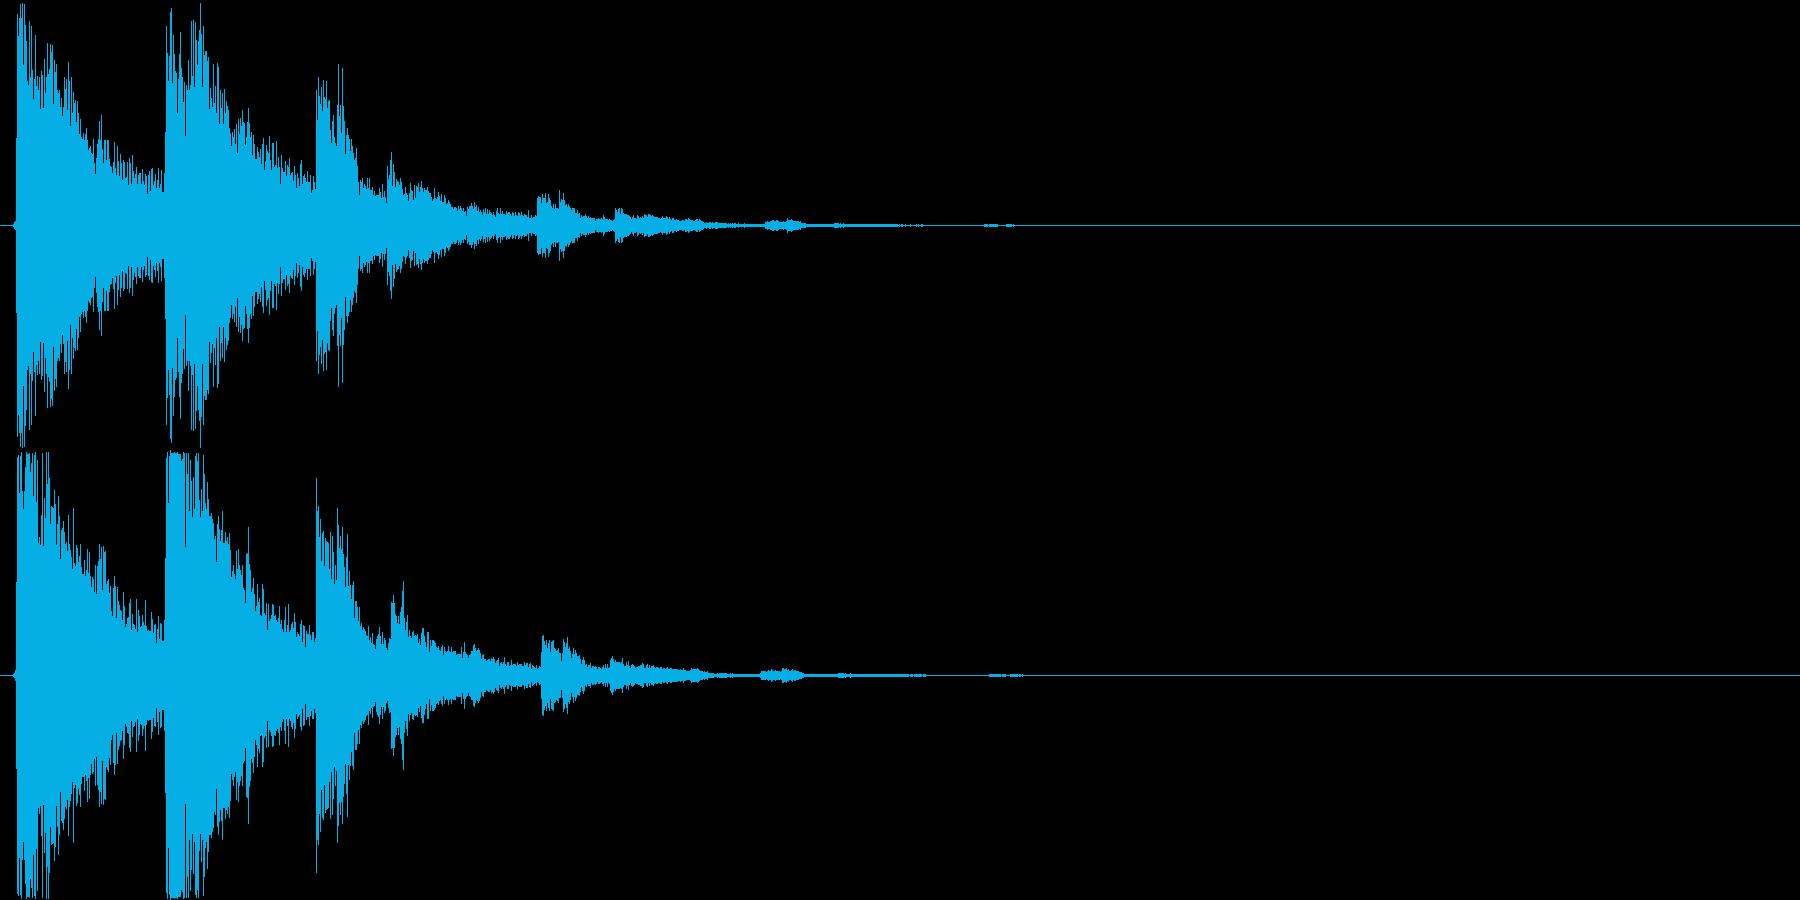 カランカランカラン(入店、酒場、パブ)の再生済みの波形